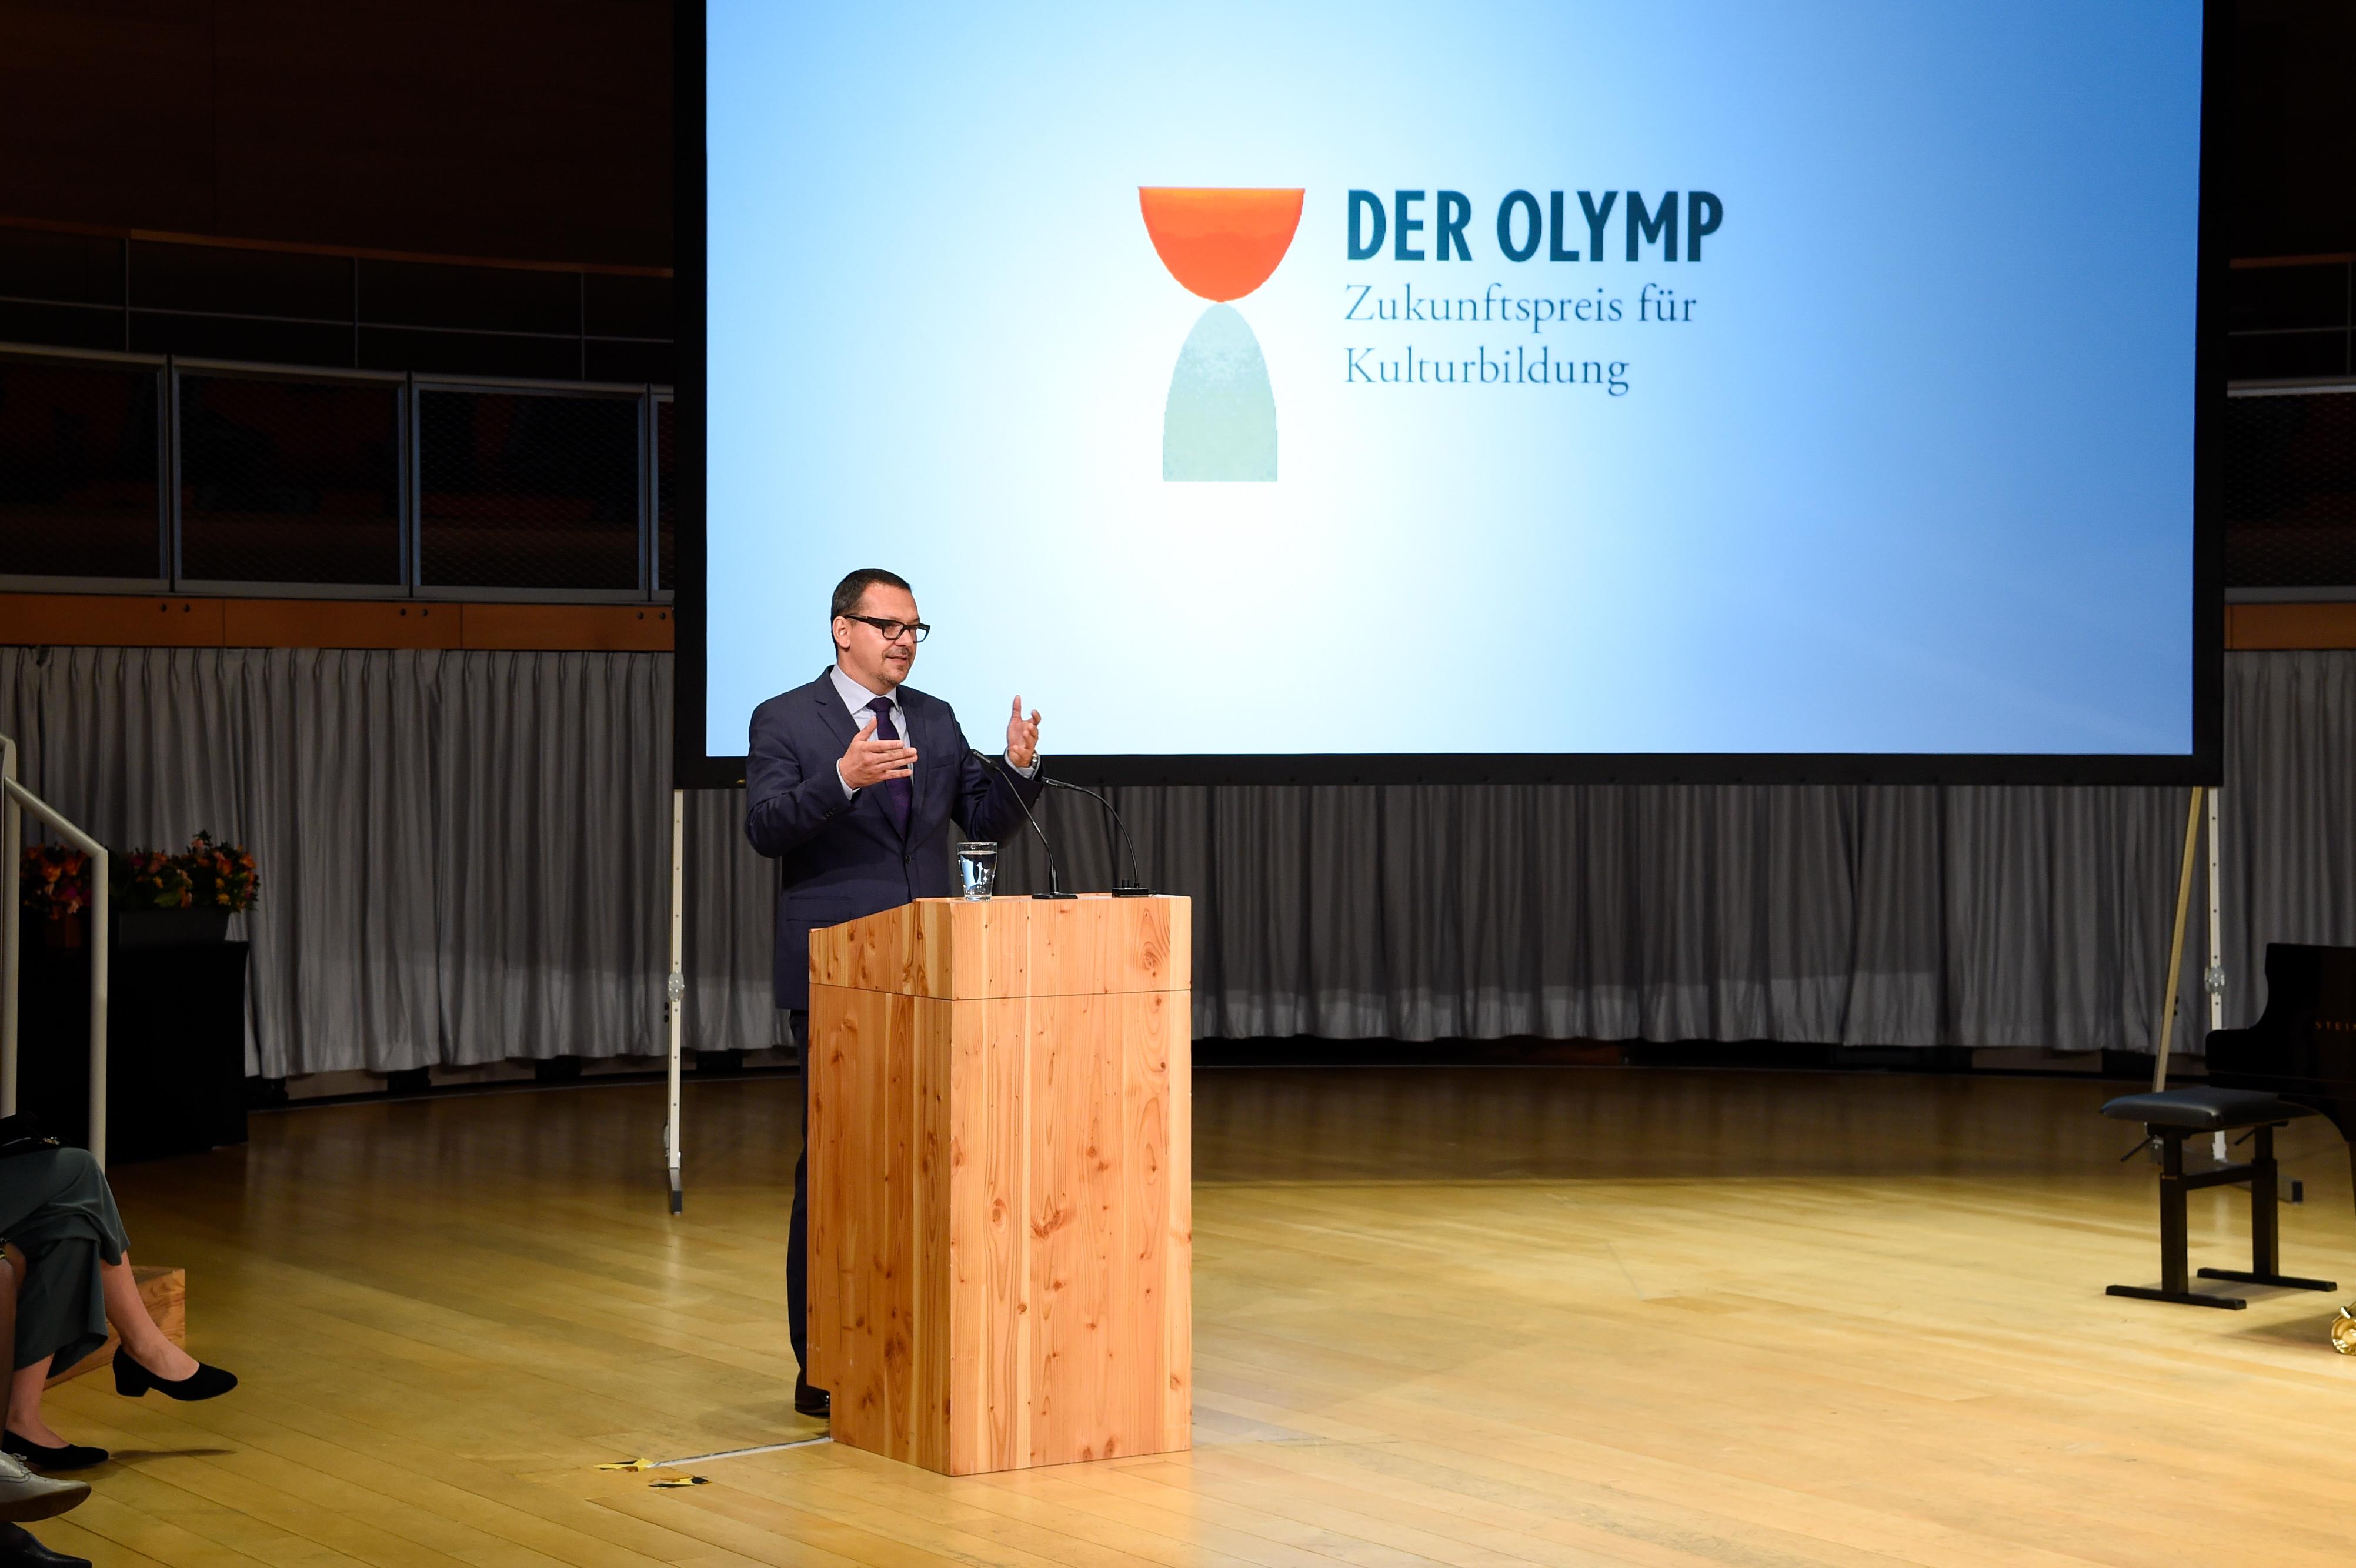 """Generalsekretär Markus Hilgert eröffnete die Preisverleihung: """"Wer kulturelle Vielfalt und sozialen Zusammenhalt stärken will, darf nicht nur historisch Gewachsenes bewahren, sondern muss auch Heranwachsendes unterstützen."""""""